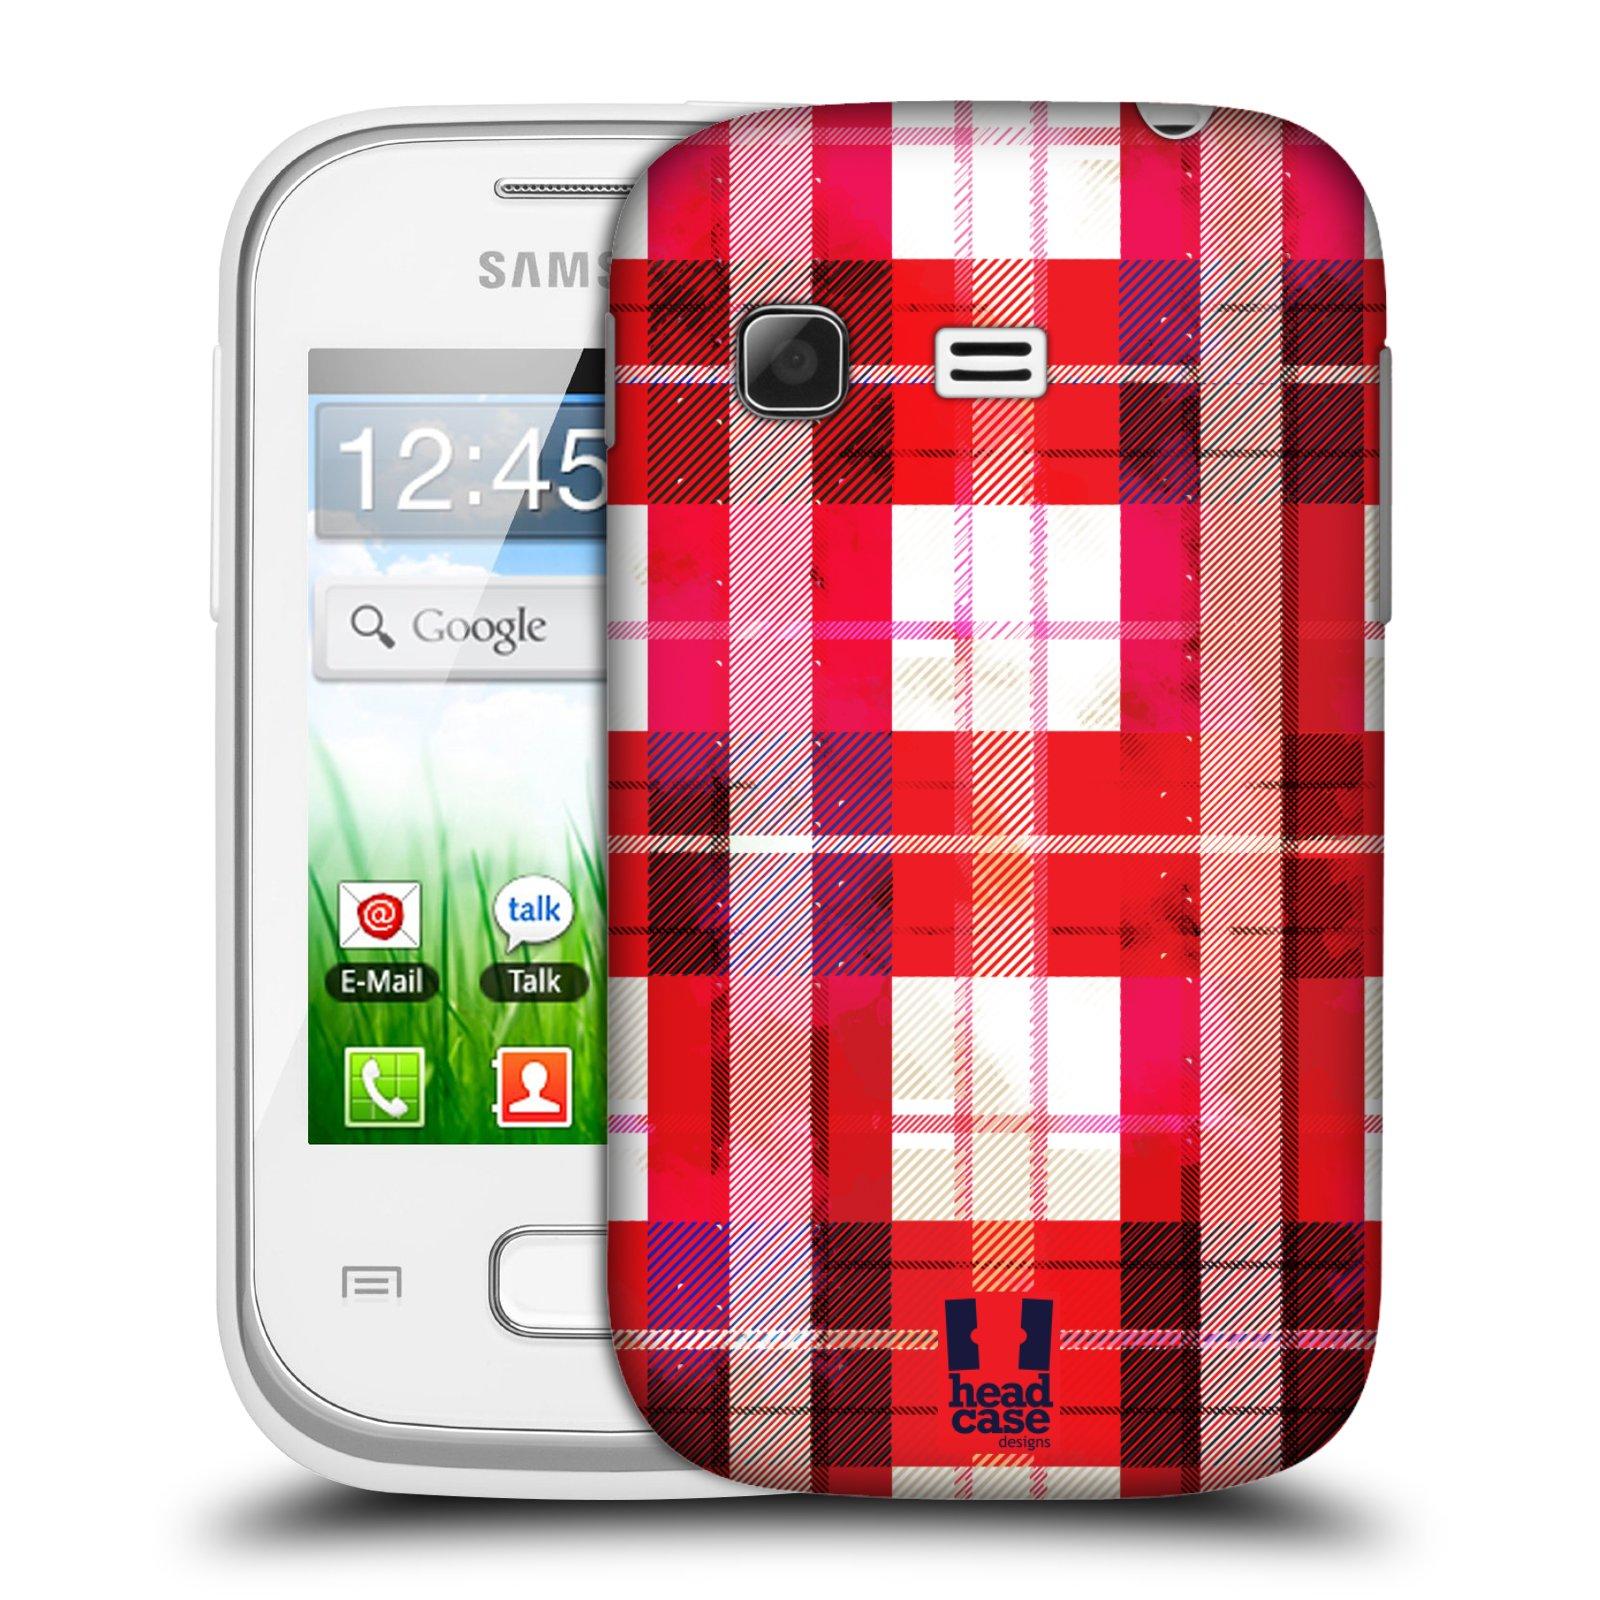 Plastové pouzdro na mobil Samsung Galaxy Pocket HEAD CASE FLANEL RED (Kryt či obal na mobilní telefon Samsung Galaxy Pocket GT-S5300)